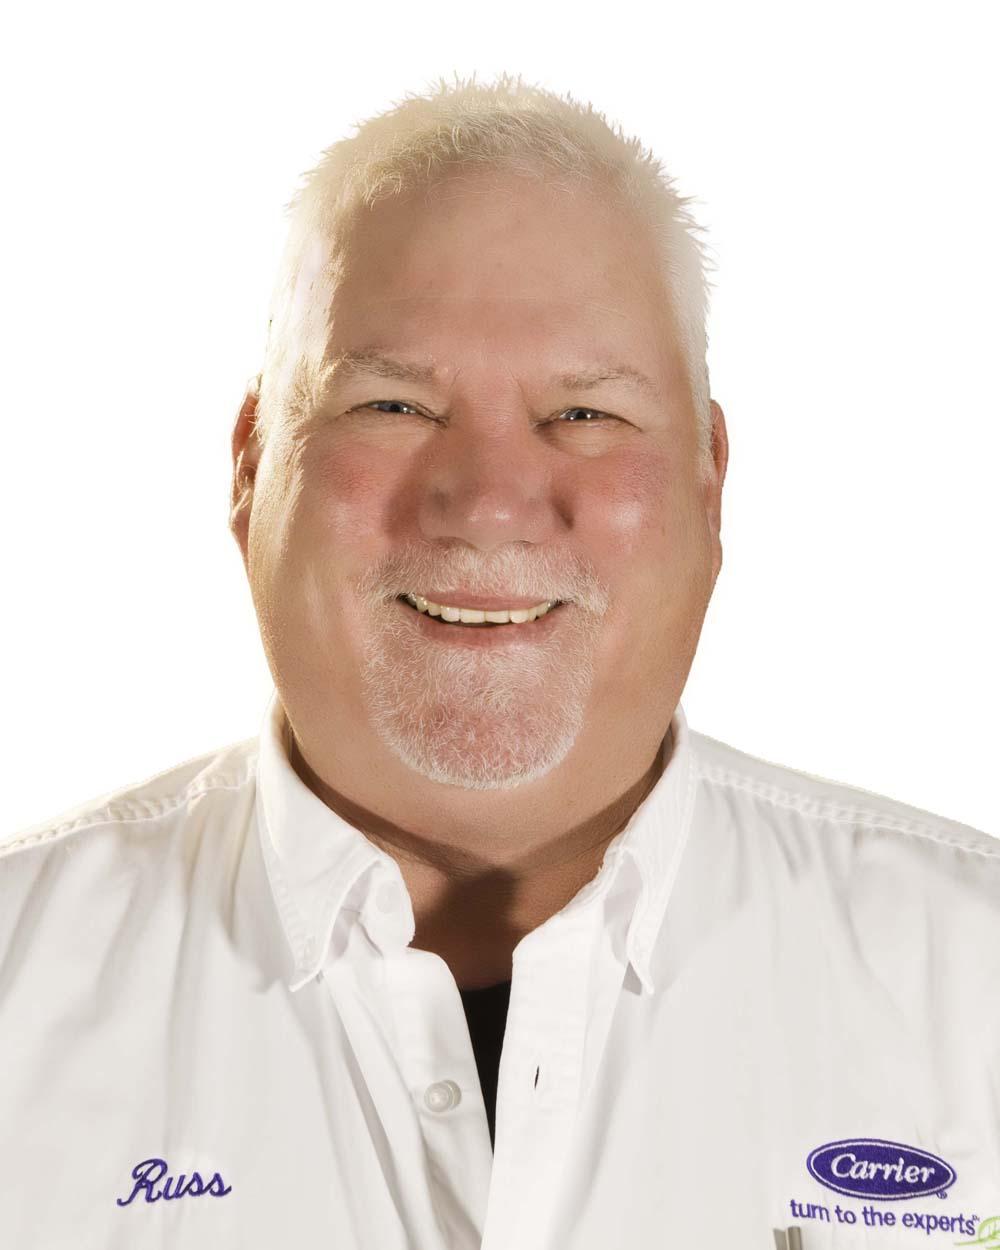 Russ F